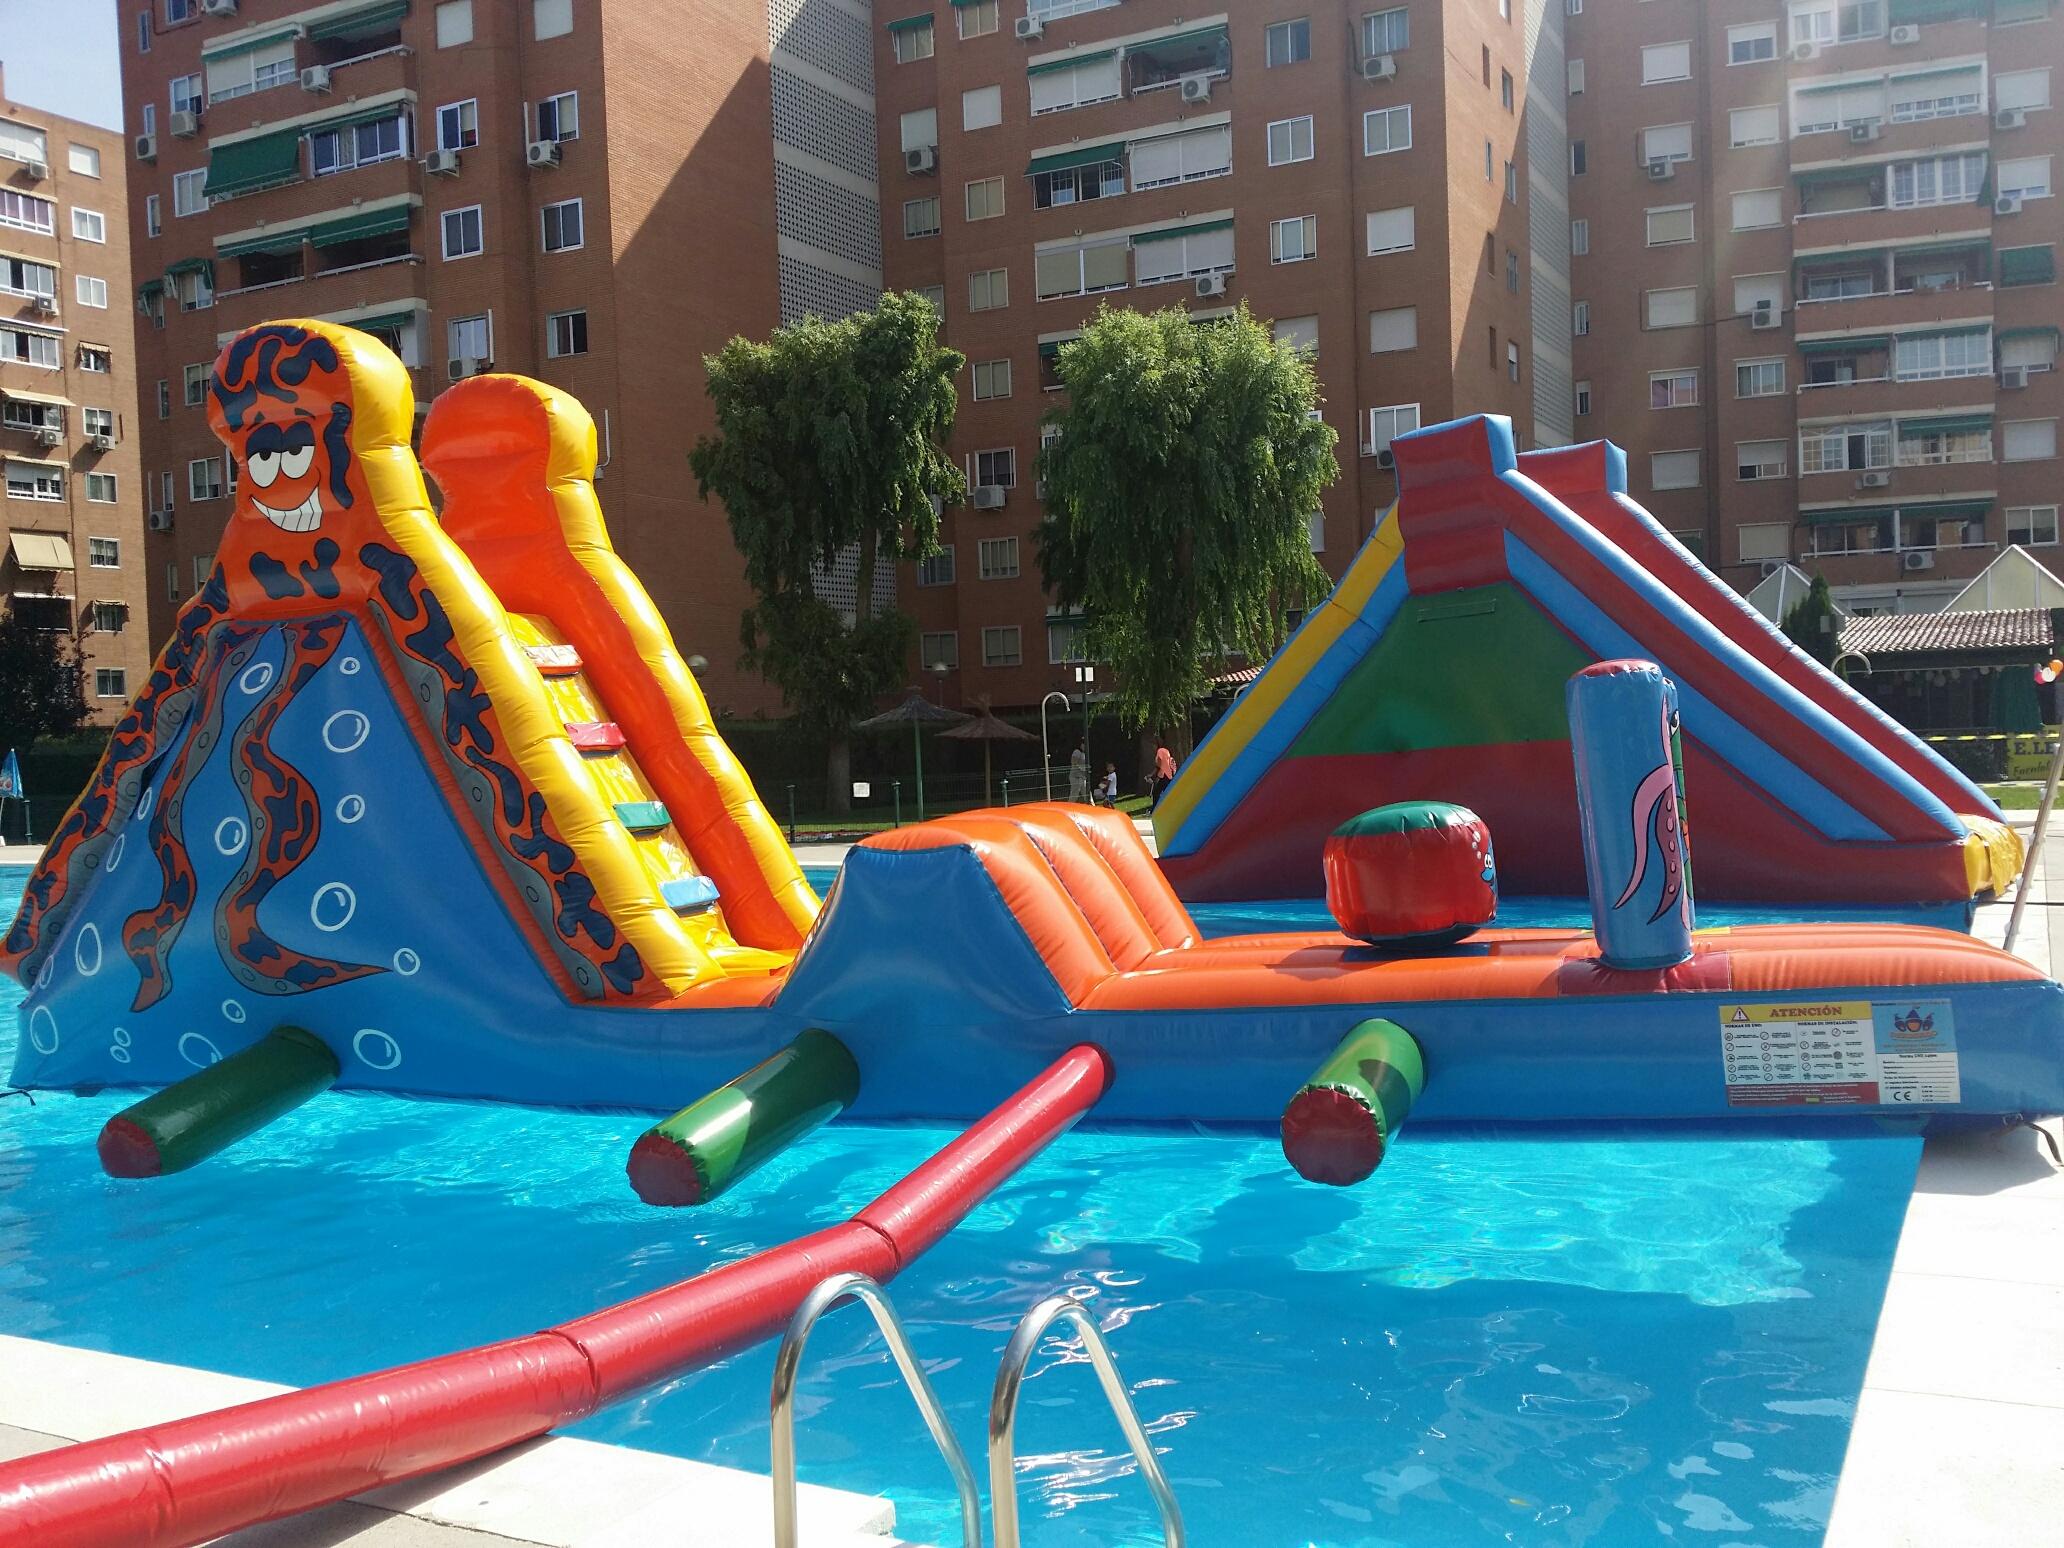 Pasarelas hinchables para piscinas ideales para - Hinchables para piscina ...